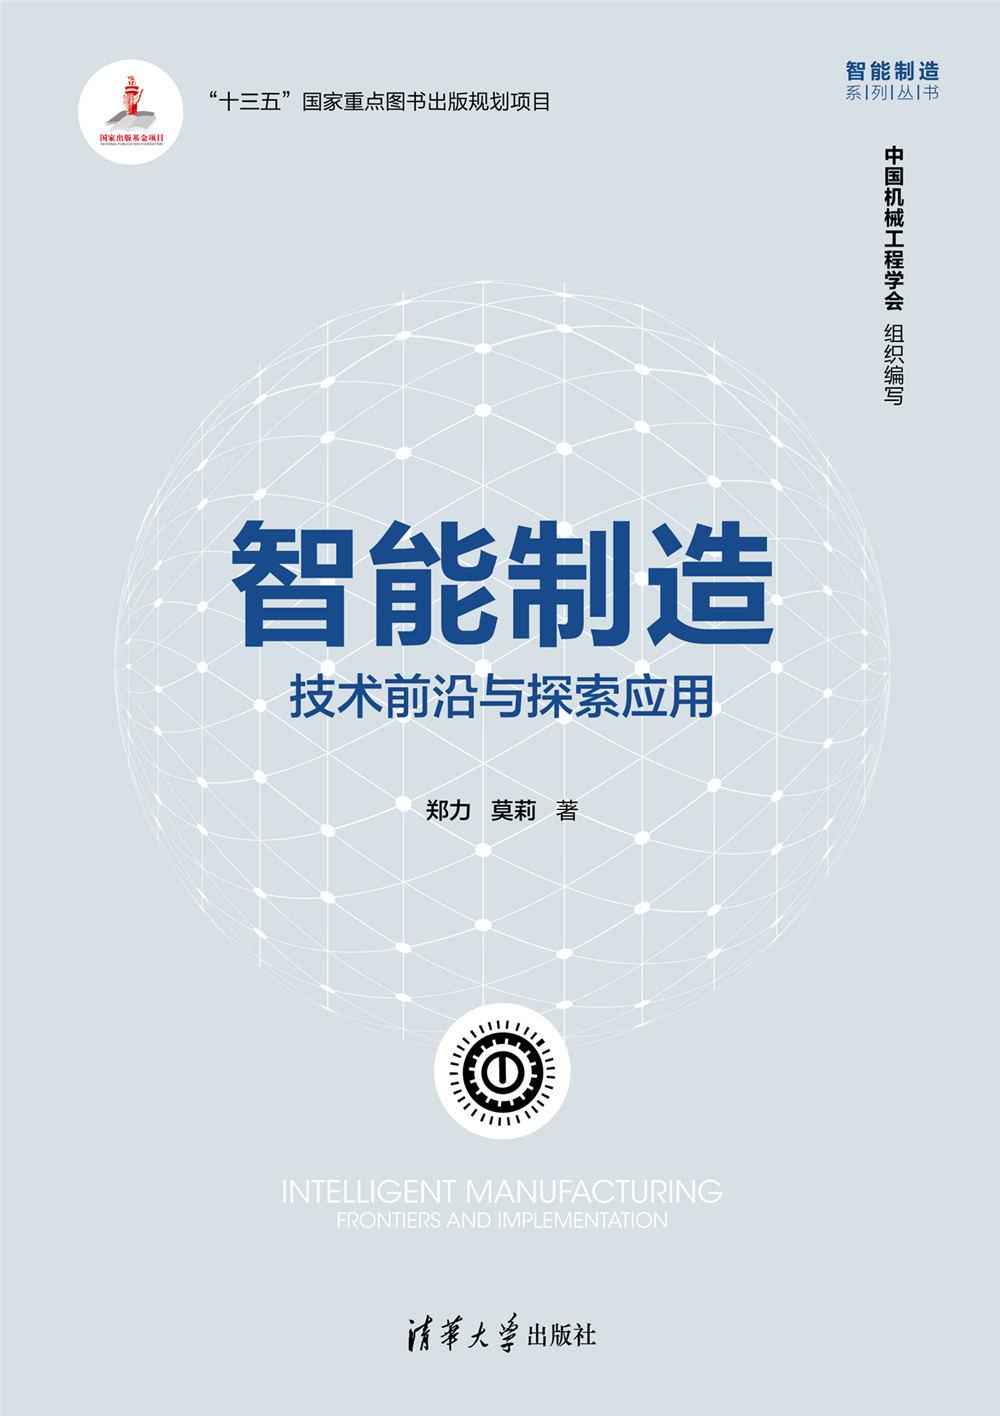 智能製造:技術前沿與探索應用-preview-1